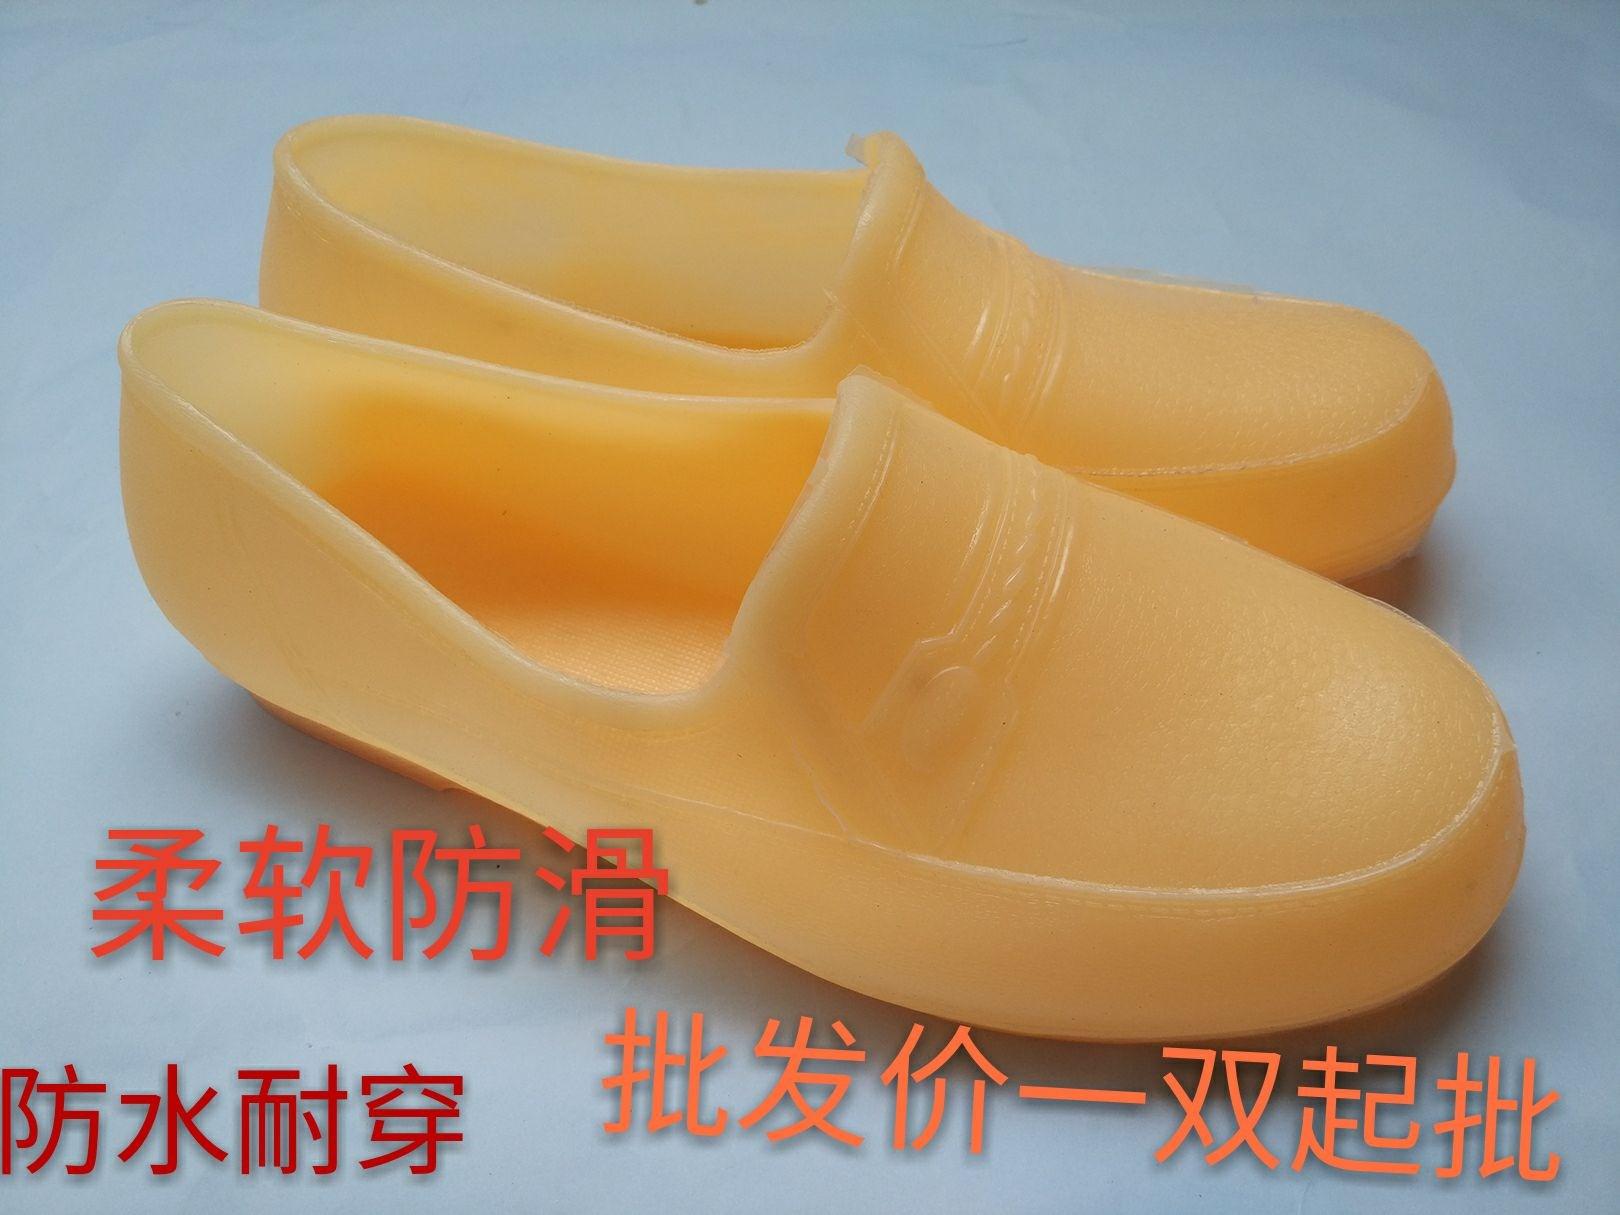 仿牛筋胶鞋雨鞋软胶工地水鞋防水低帮塑胶男士黄色塑料建筑工胶鞋